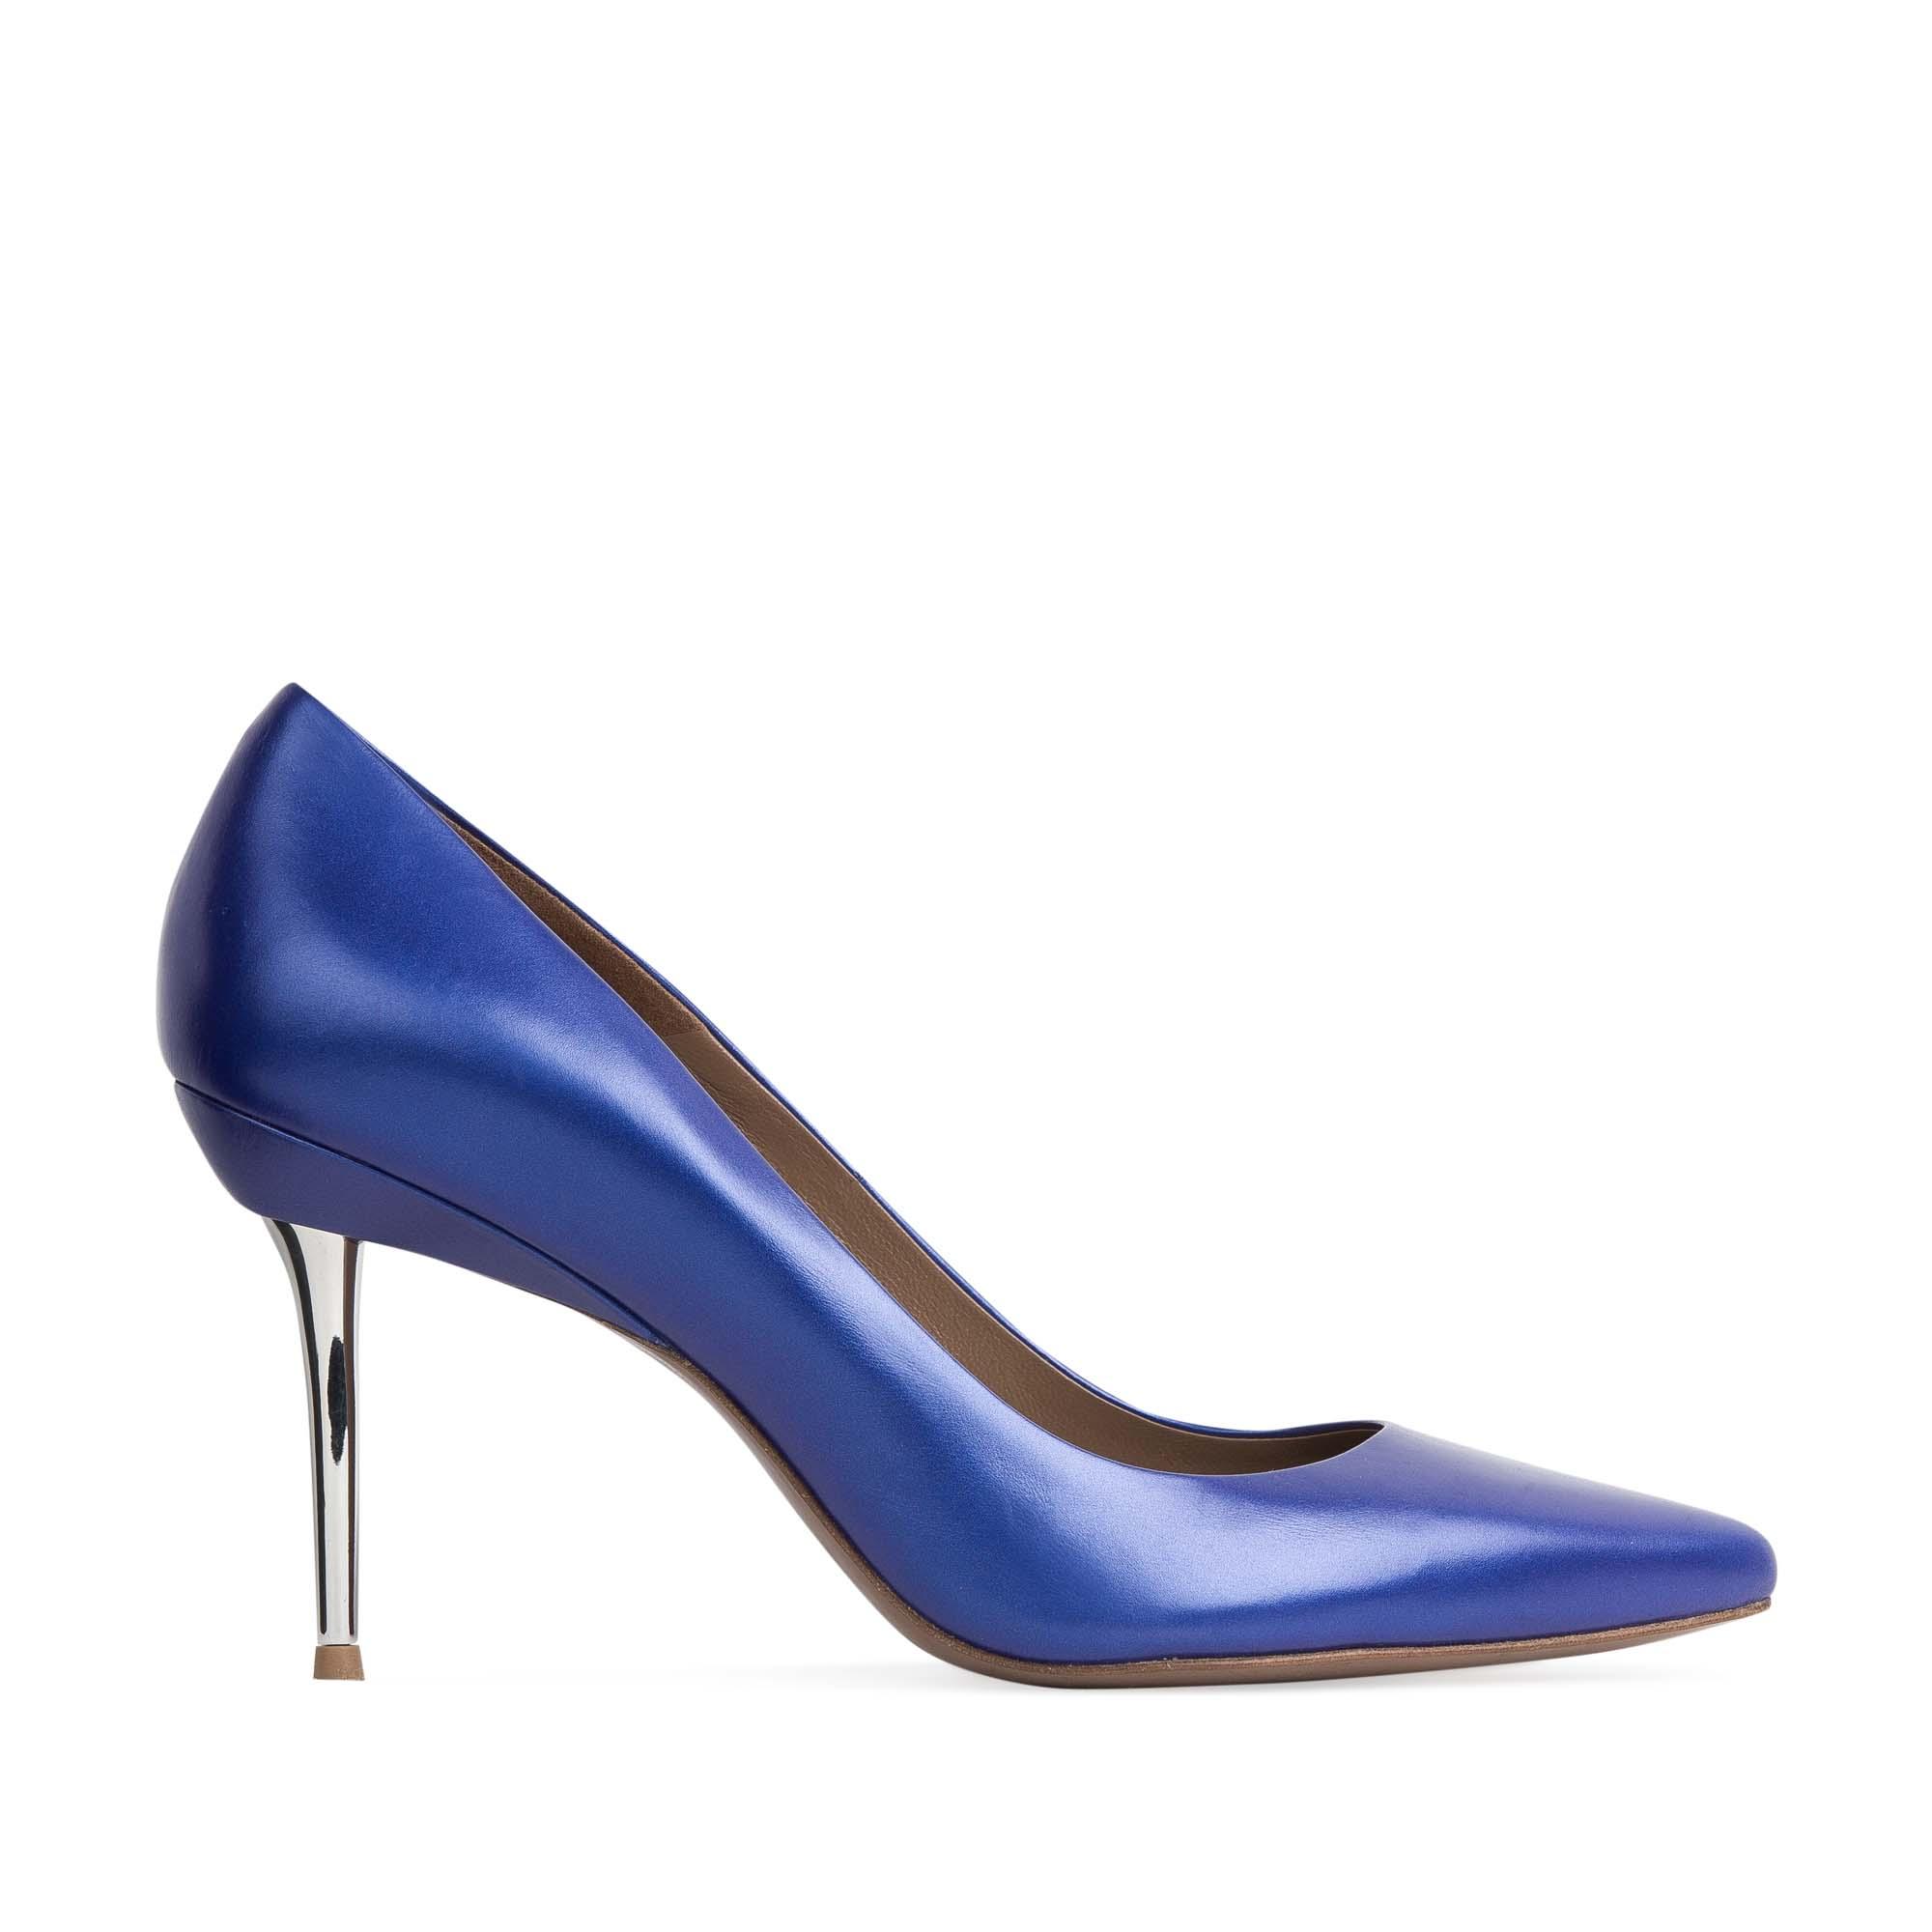 Кожаные туфли-лодочки ультрамаринового цвета на металлическом каблукеТуфли женские<br><br>Материал верха: Кожа<br>Материал подкладки: Кожа<br>Материал подошвы: Кожа<br>Цвет: Синий<br>Высота каблука: 9см<br>Дизайн: Италия<br>Страна производства: Китай<br><br>Высота каблука: 9 см<br>Материал верха: Кожа<br>Материал подошвы: Кожа<br>Материал подкладки: Кожа<br>Цвет: Синий<br>Пол: Женский<br>Вес кг: 0.40000000<br>Выберите размер обуви: 36**